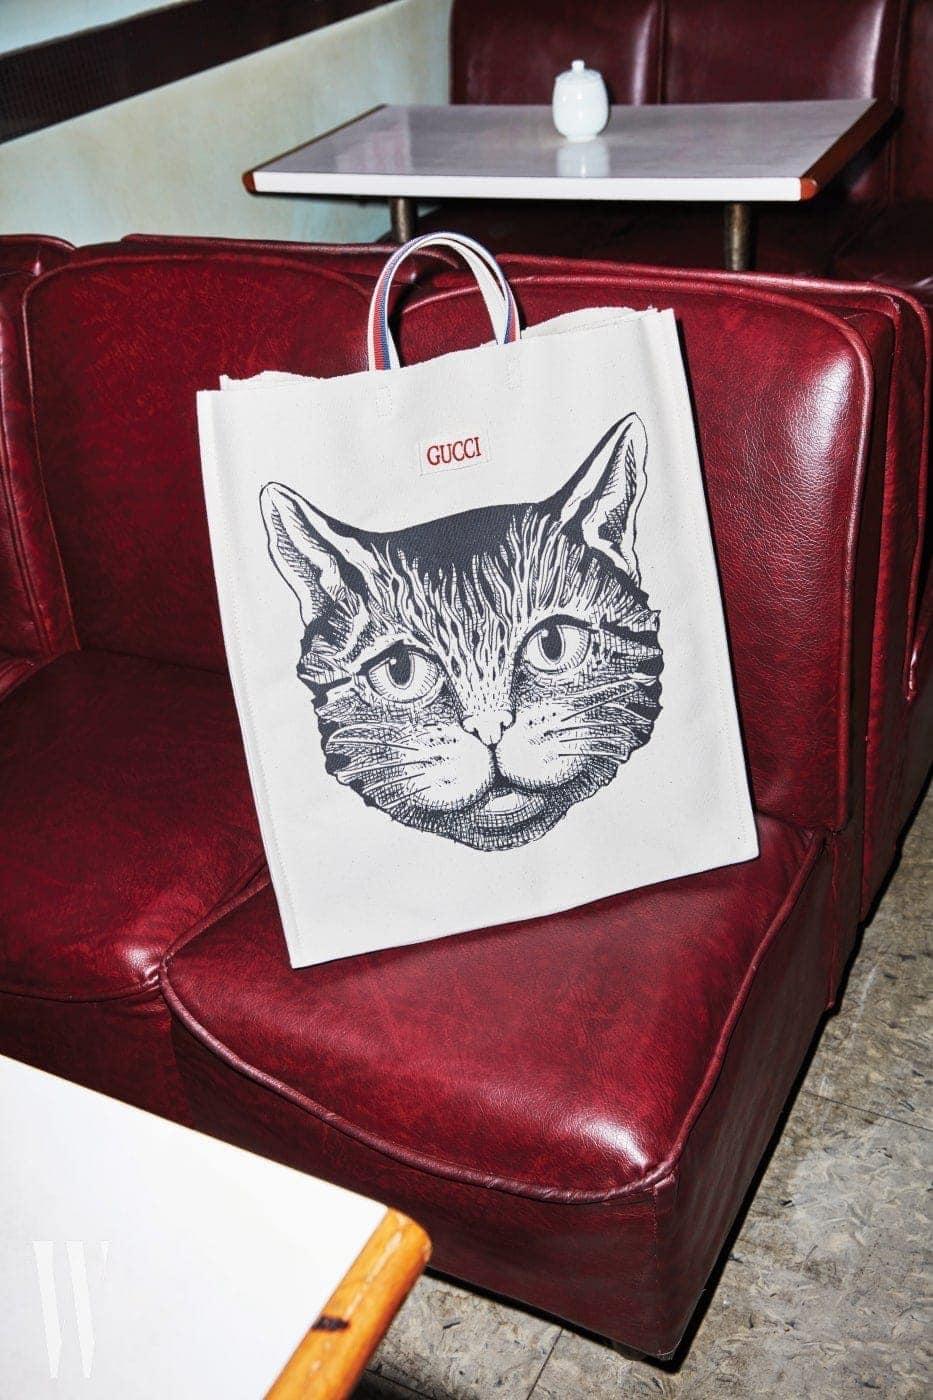 소파 위에 놓인 고양이 프린트 캔버스 백은 구찌 제품. 1백13만원.